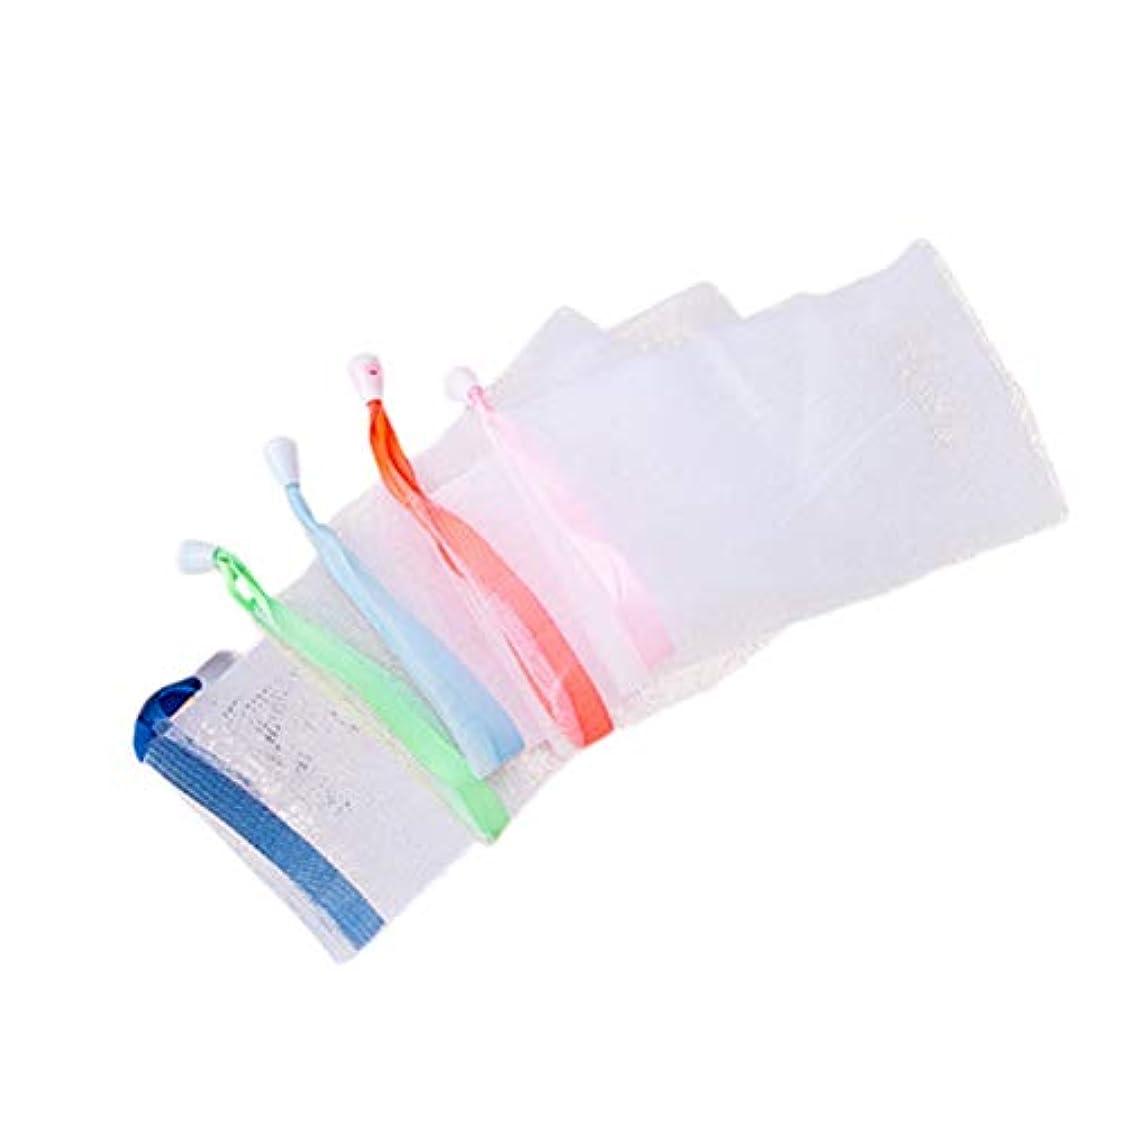 申込み維持する面白いHEALIFTY 9pcsを洗う表面のための多彩な石鹸袋の泡立つ純袋の石鹸の泡ネット袋